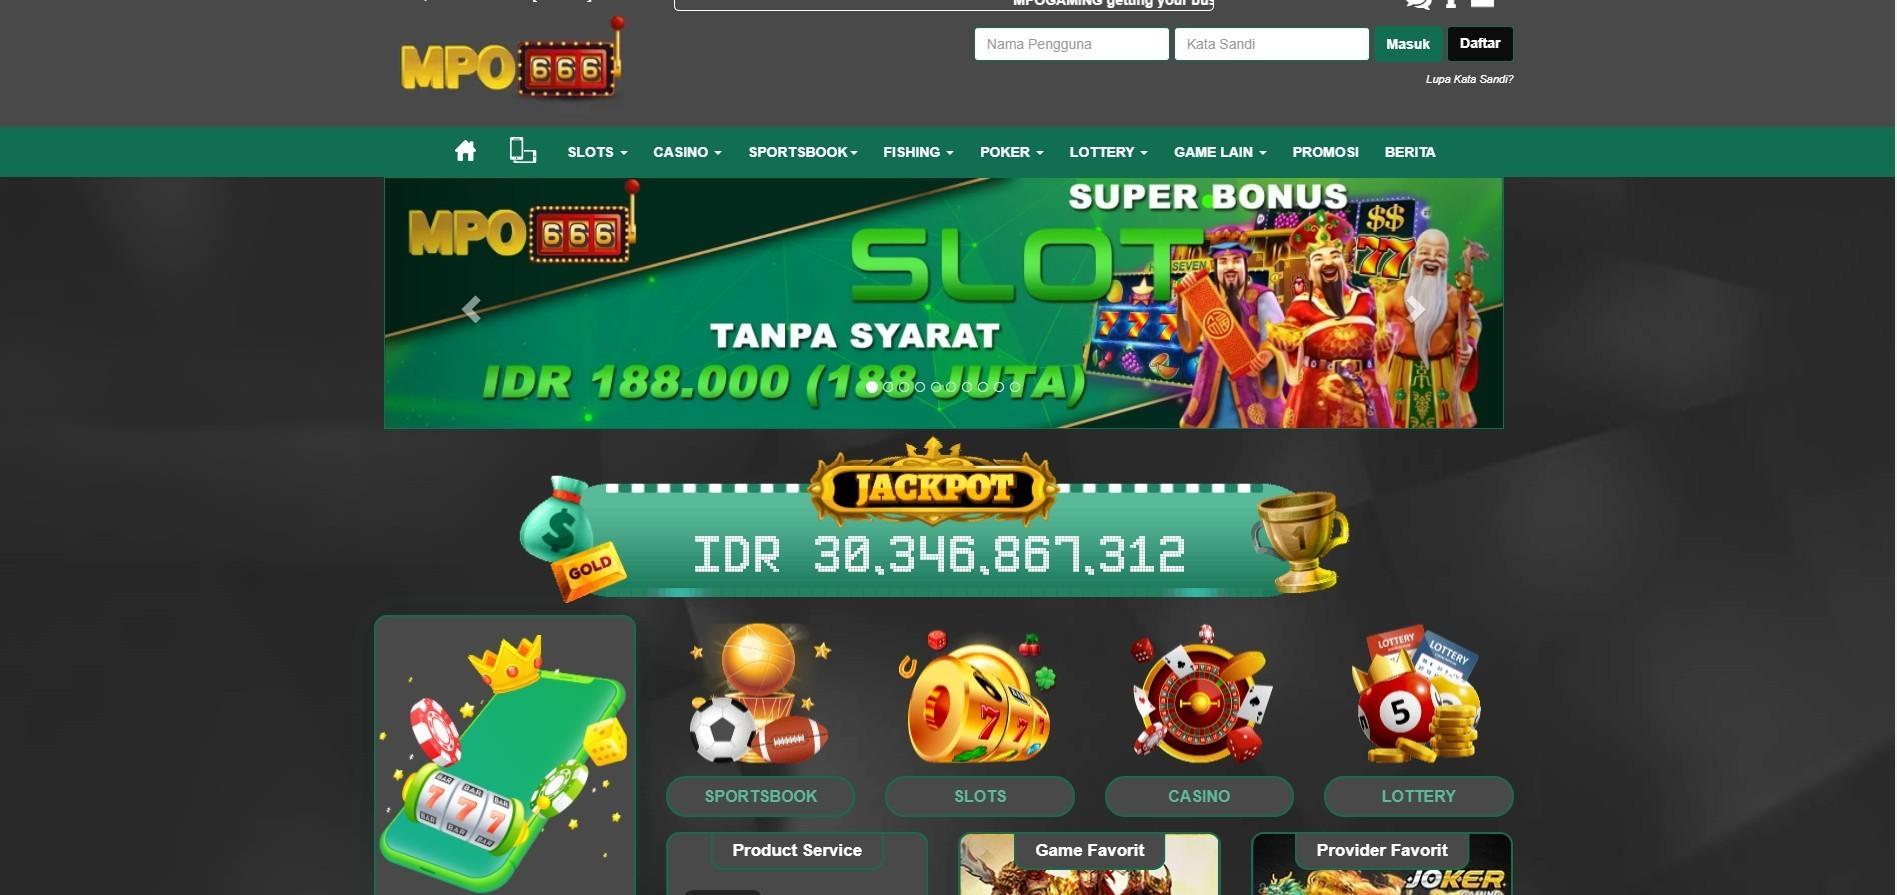 Jual Tiket Mpo666 Daftar Situs Judii Slots Online Terpercaya 2020 Loket Com